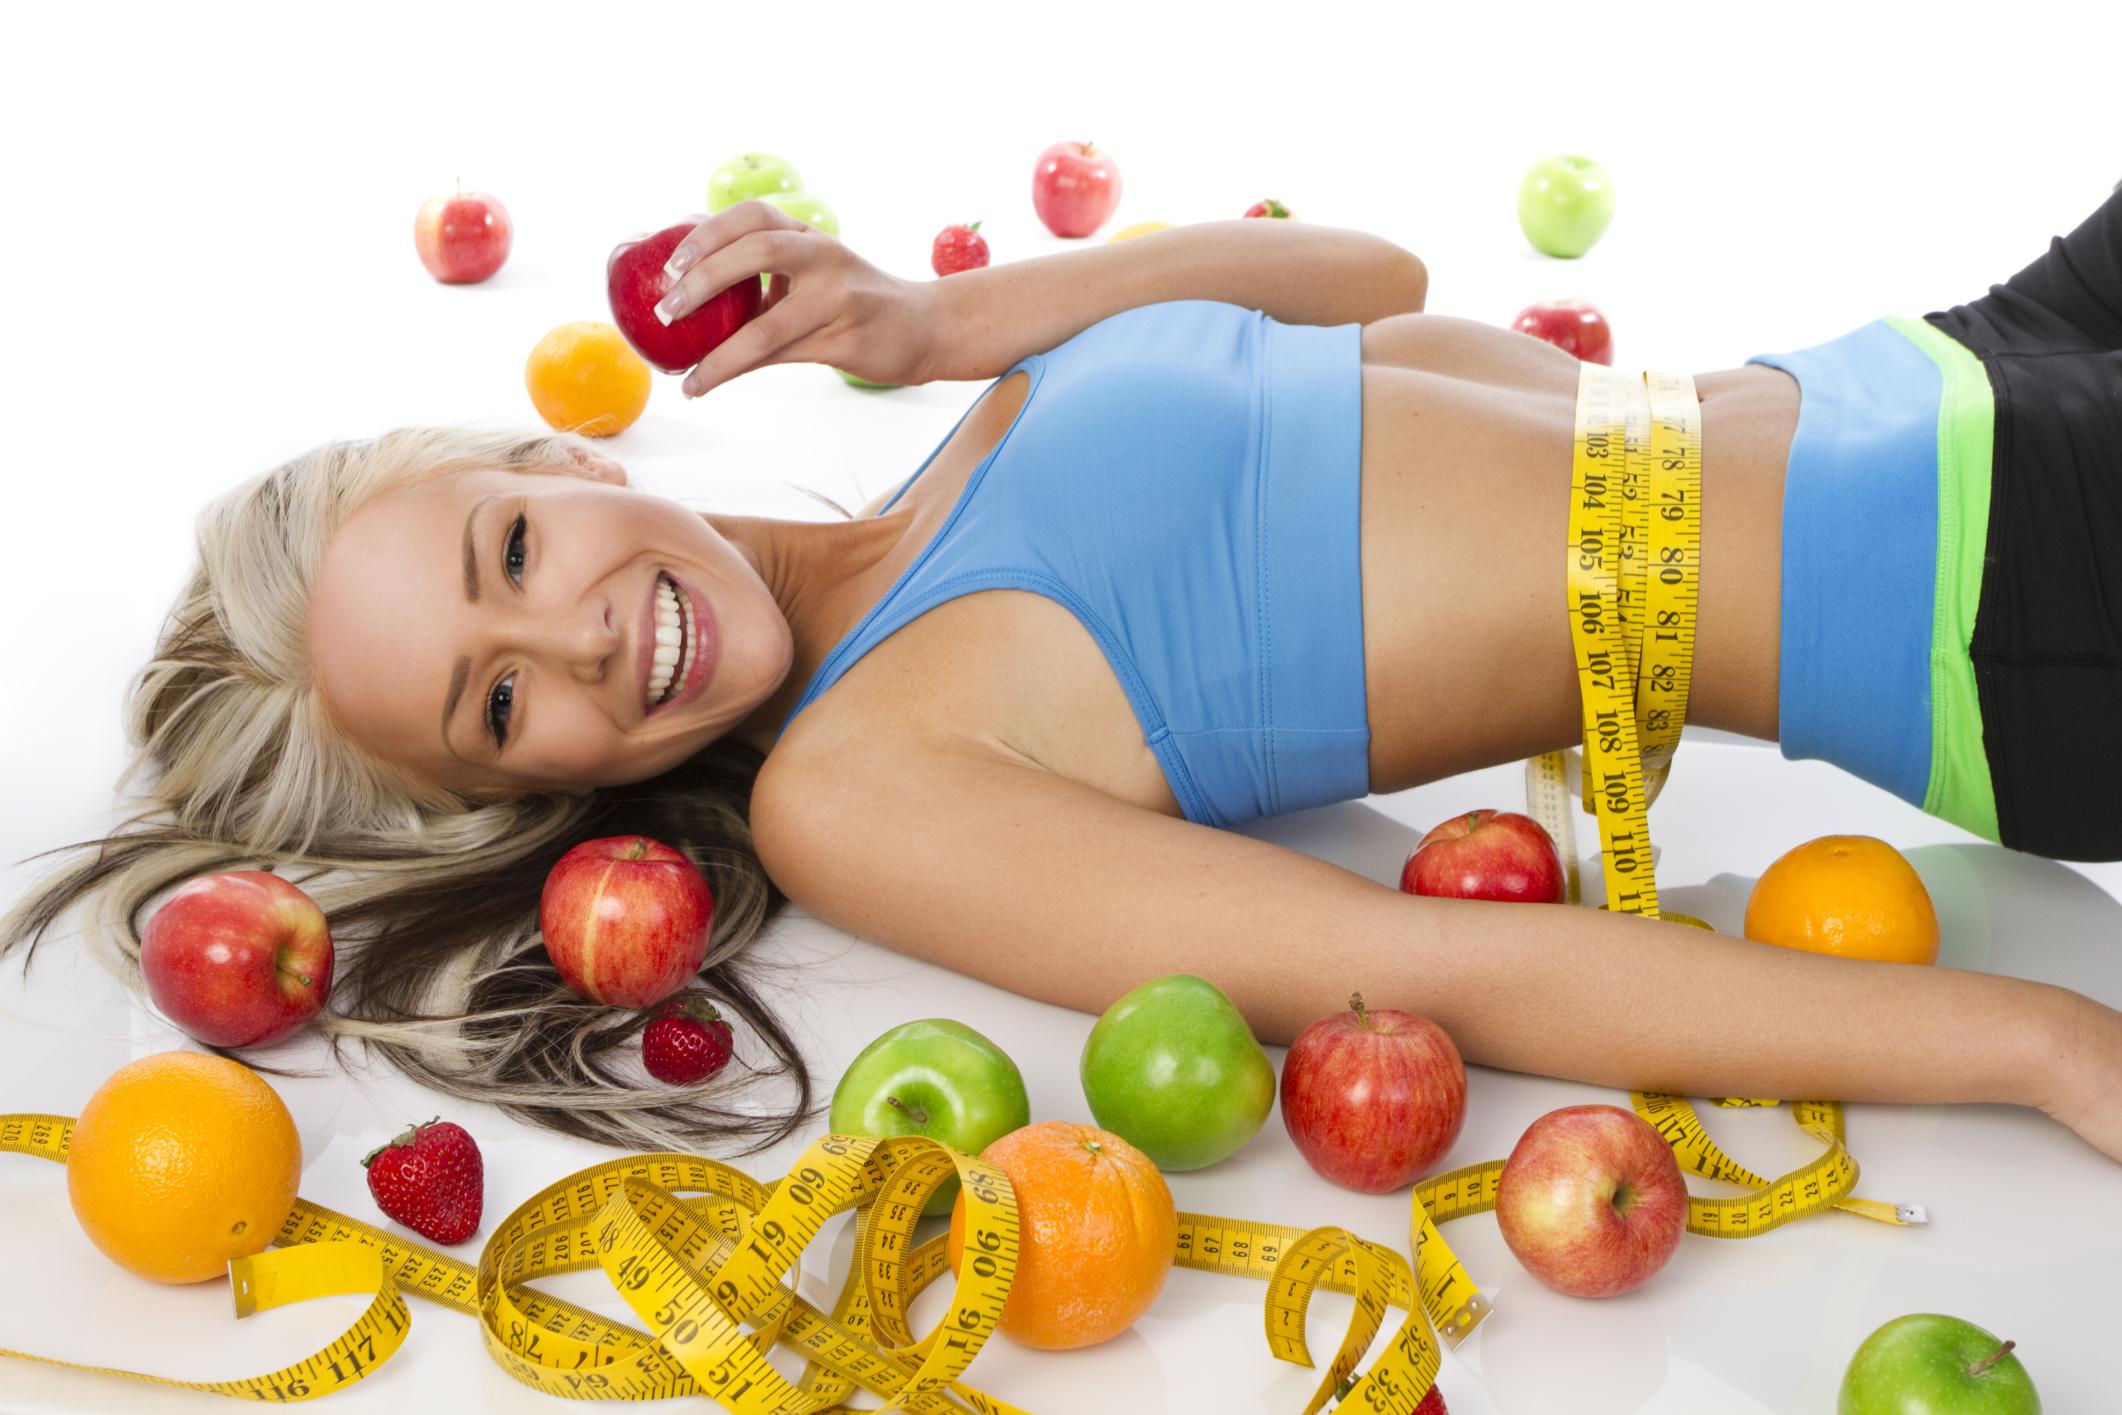 правильное питание при занятиях фитнесом для похудения